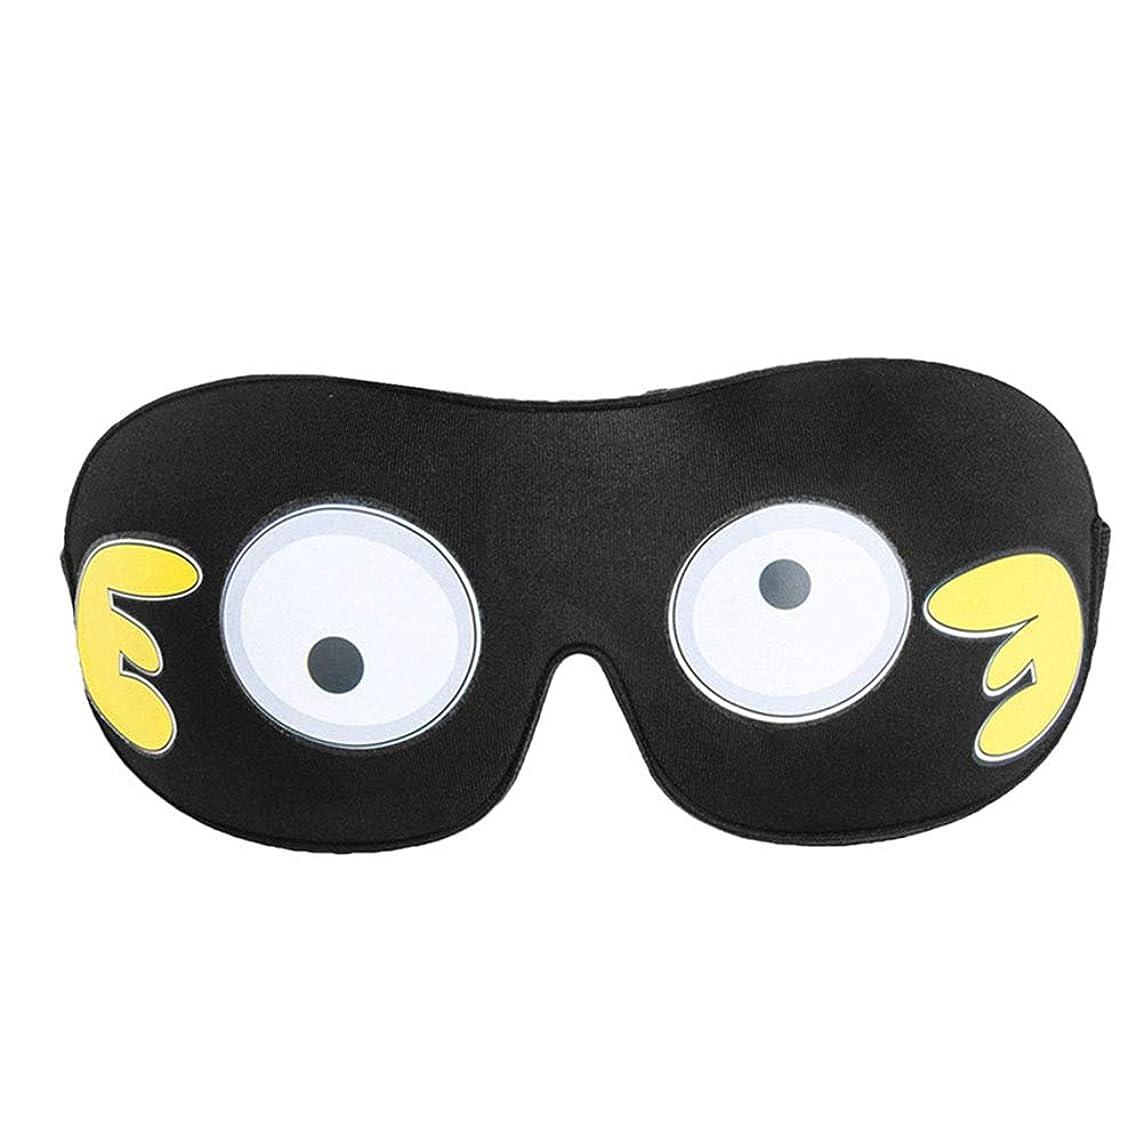 省略する夕方連帯NOTE 男性と女性のためのスリープマスク3Dアイマスクアイシェード大目隠しナイトブラインド(ビッグアイ)